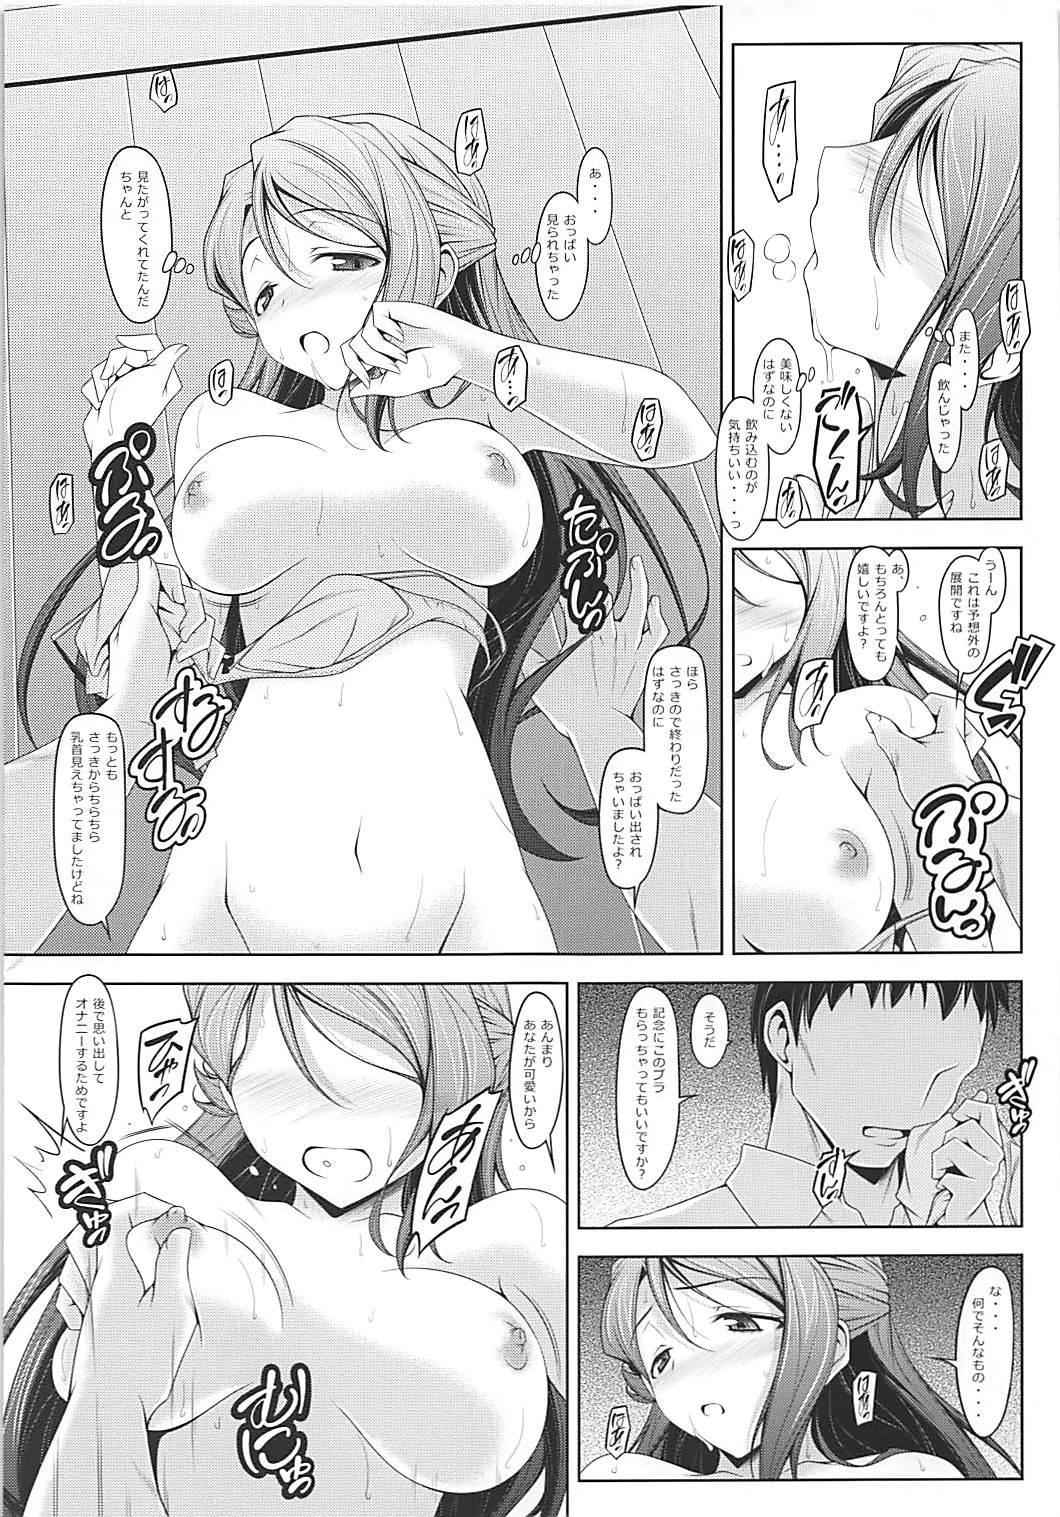 Kanari Joubu na Chuukurai no Riko-san 13